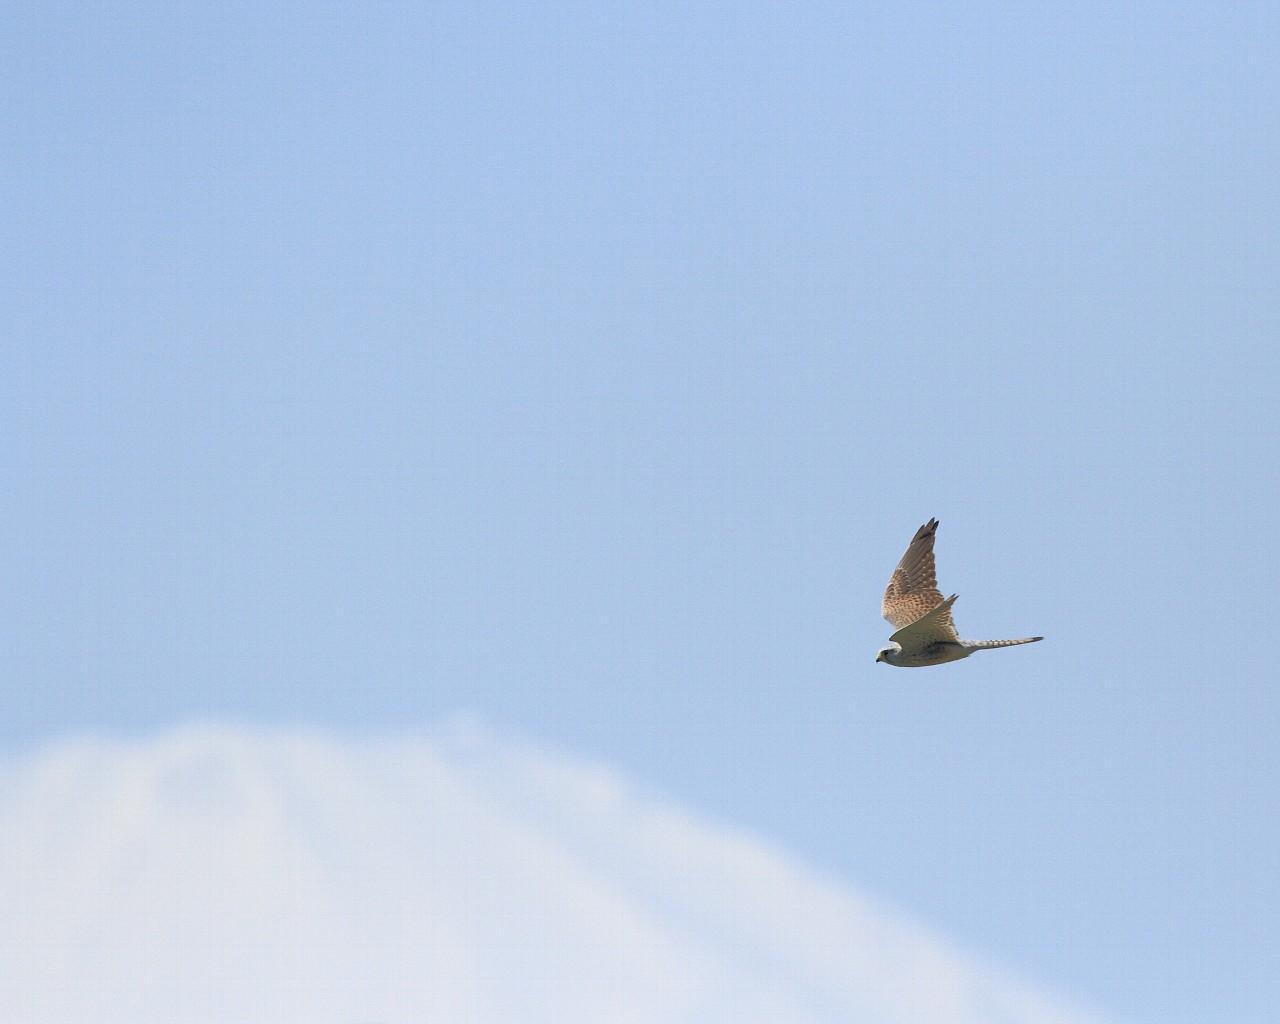 富士山背景に大陸型(?)チョウゲンボウ(巷ではチョウセンチョウゲンボウと言われていますが?)_f0105570_21202696.jpg